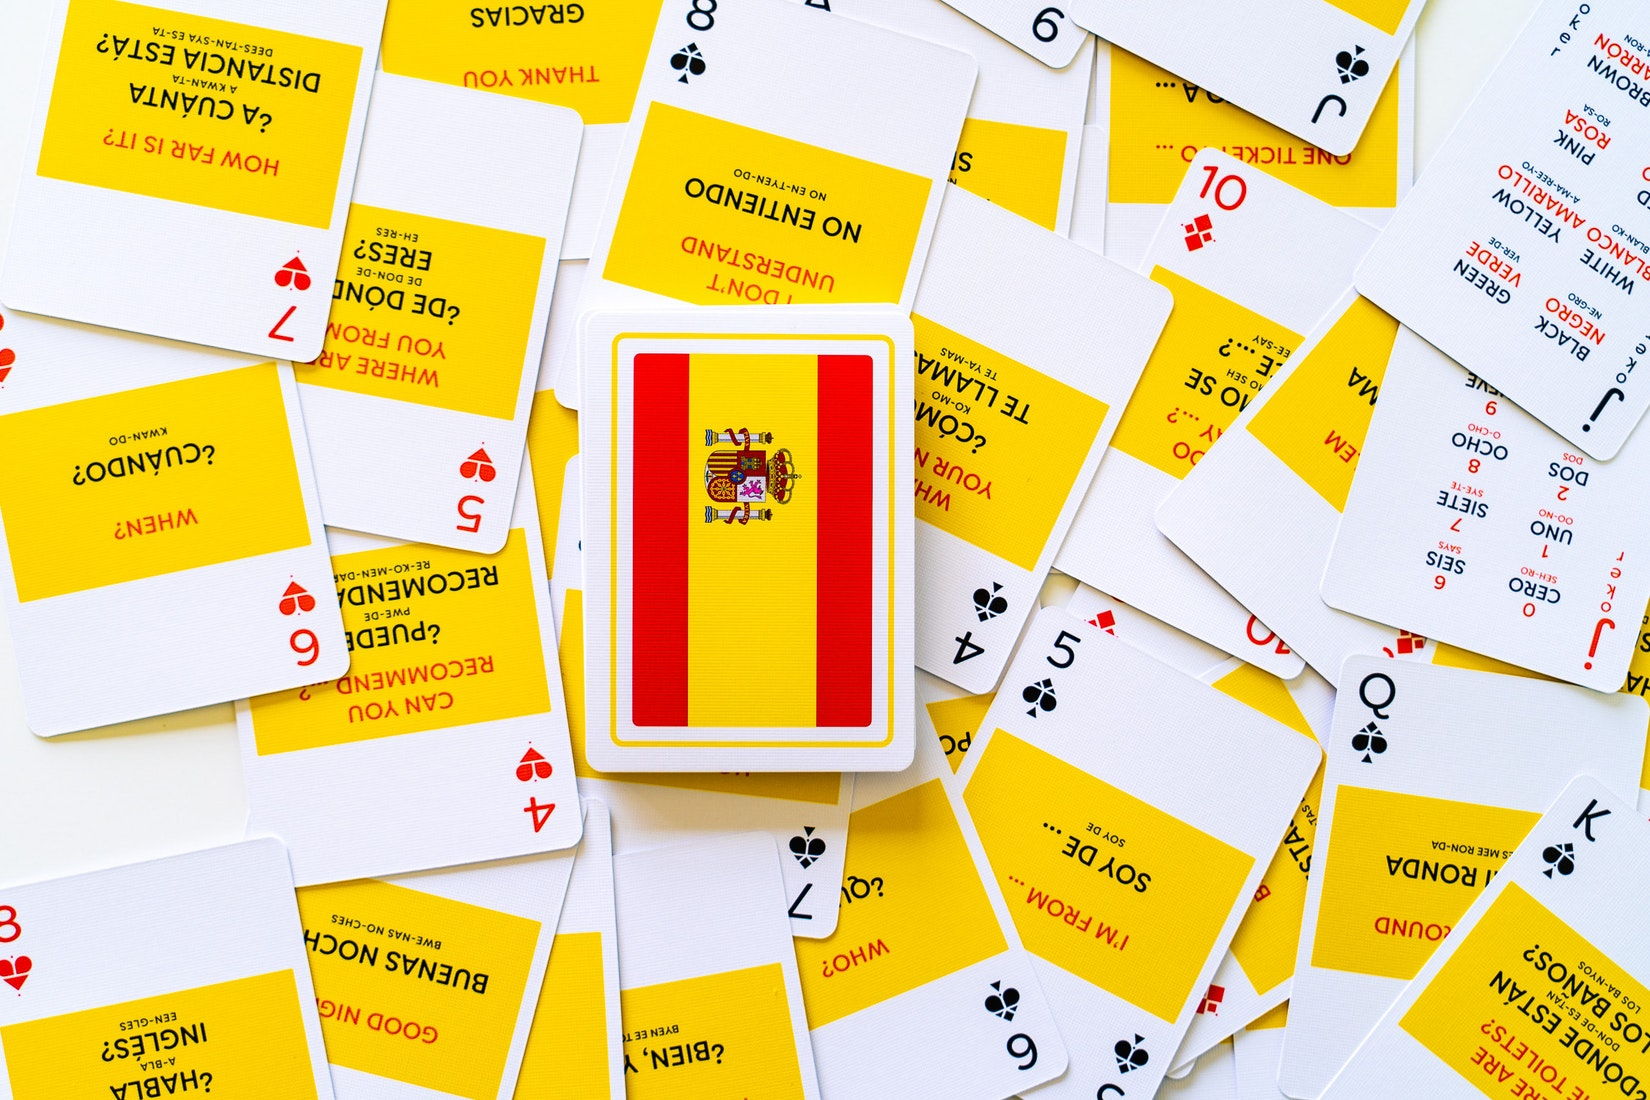 Lingo cards